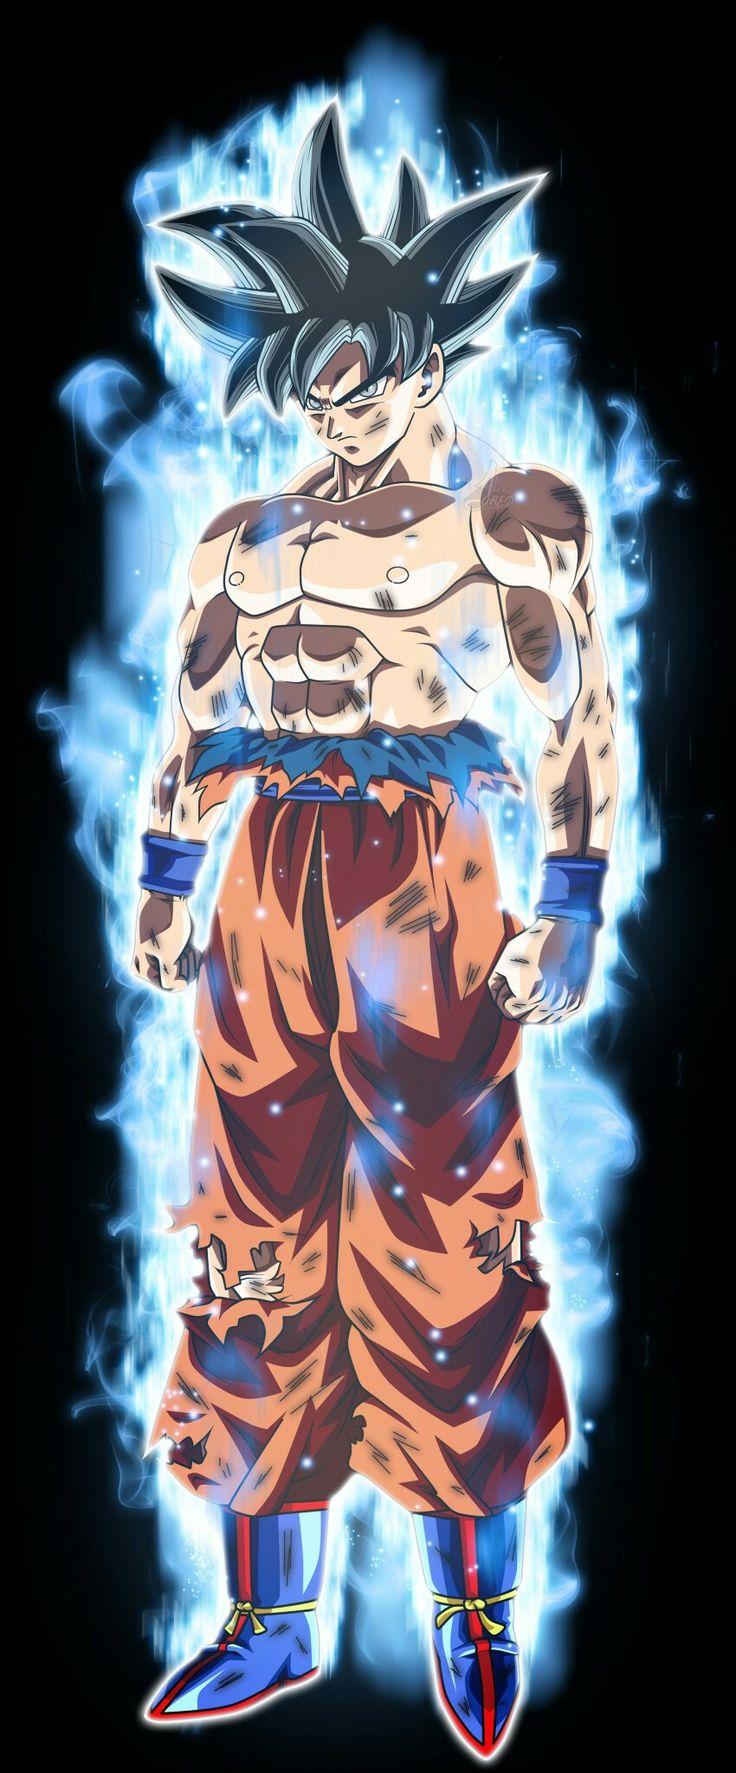 """LIMIT BREAKER seria o nome perfeito na minha opinião... Fala ai como vcs chamariam essa """"transformação"""" do Goku ou se jà tem um nome oficial me falem ai"""